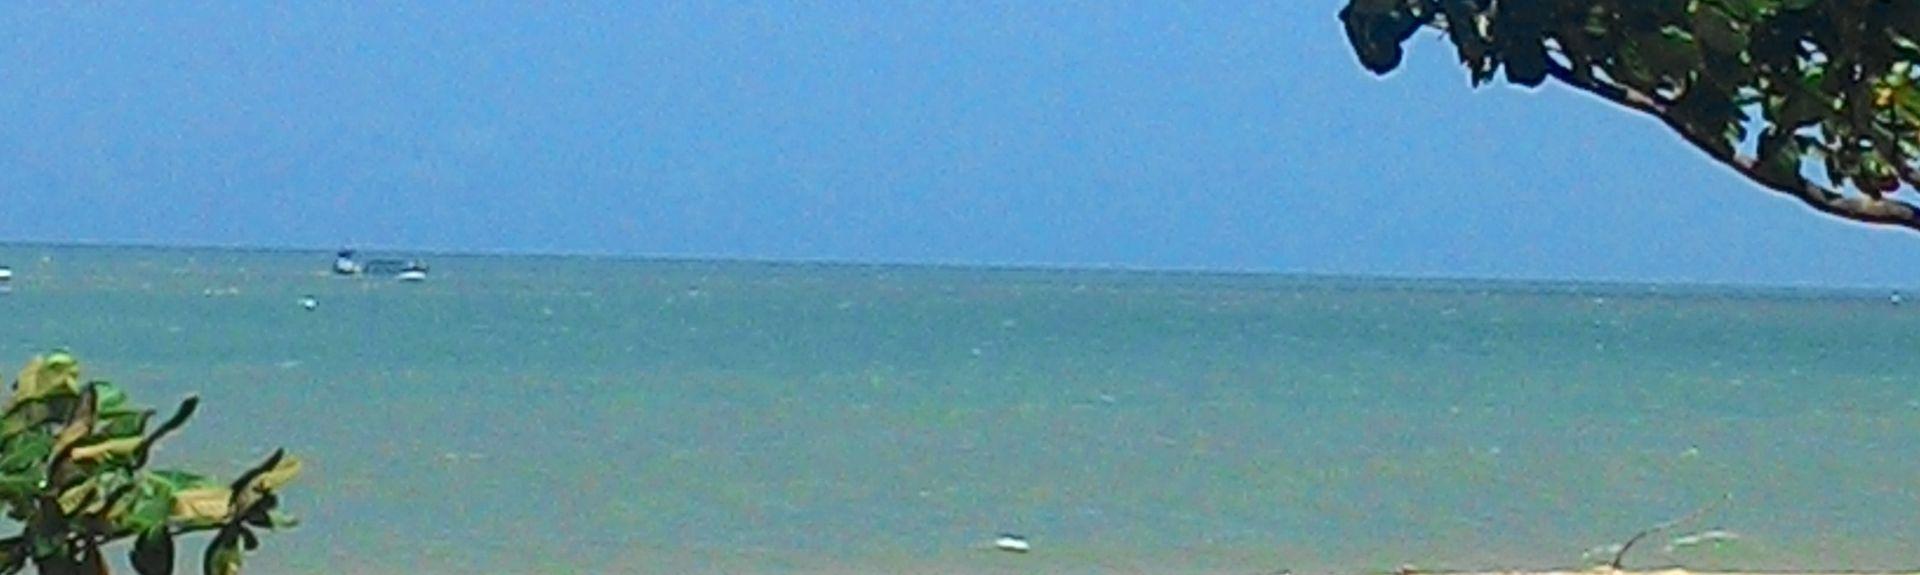 Taperapua Beach, Porto Seguro, Northeast Region, Brazil